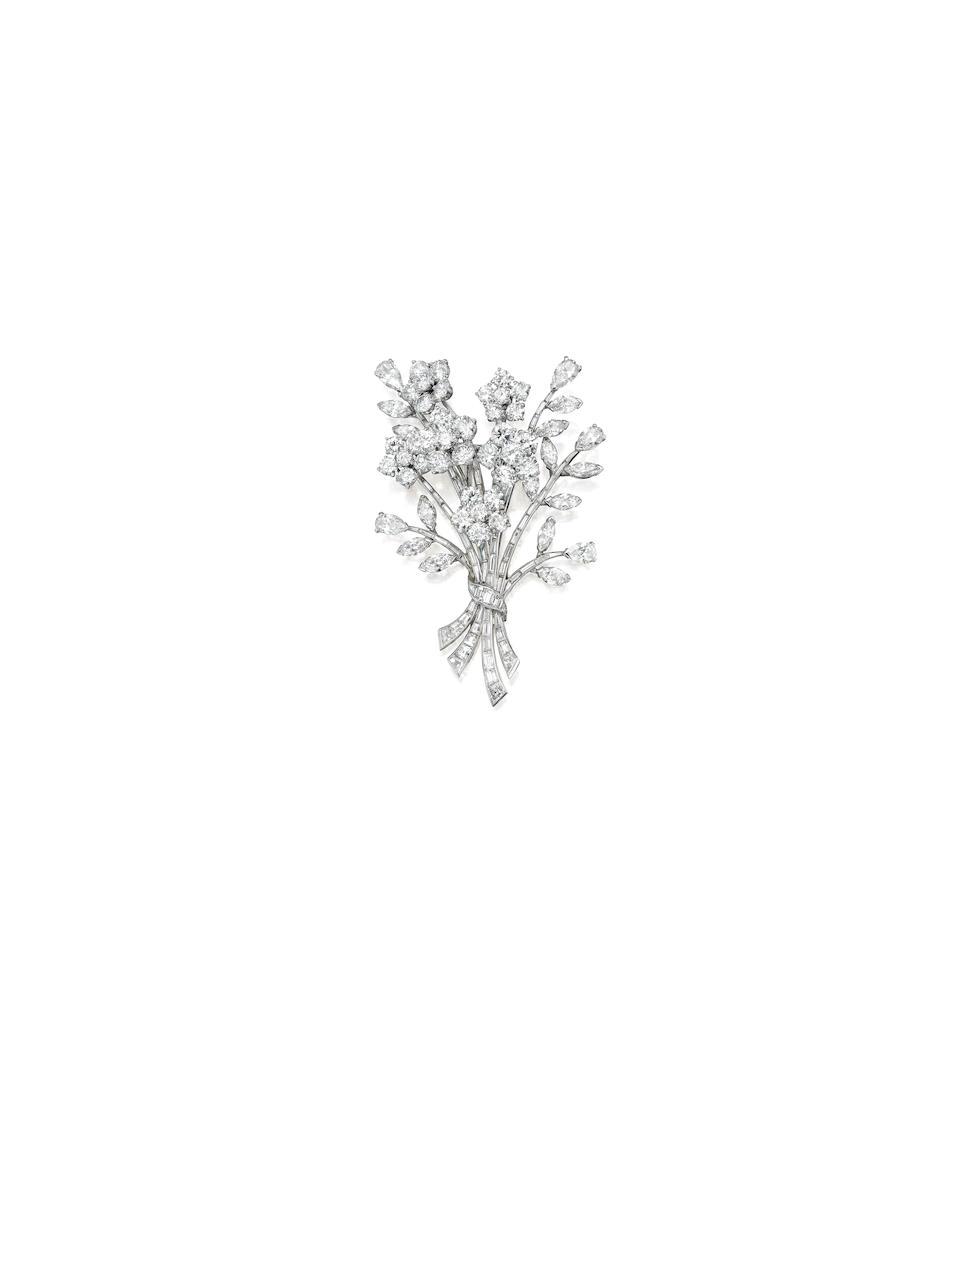 A diamond brooch, Van Cleef & Arpels,